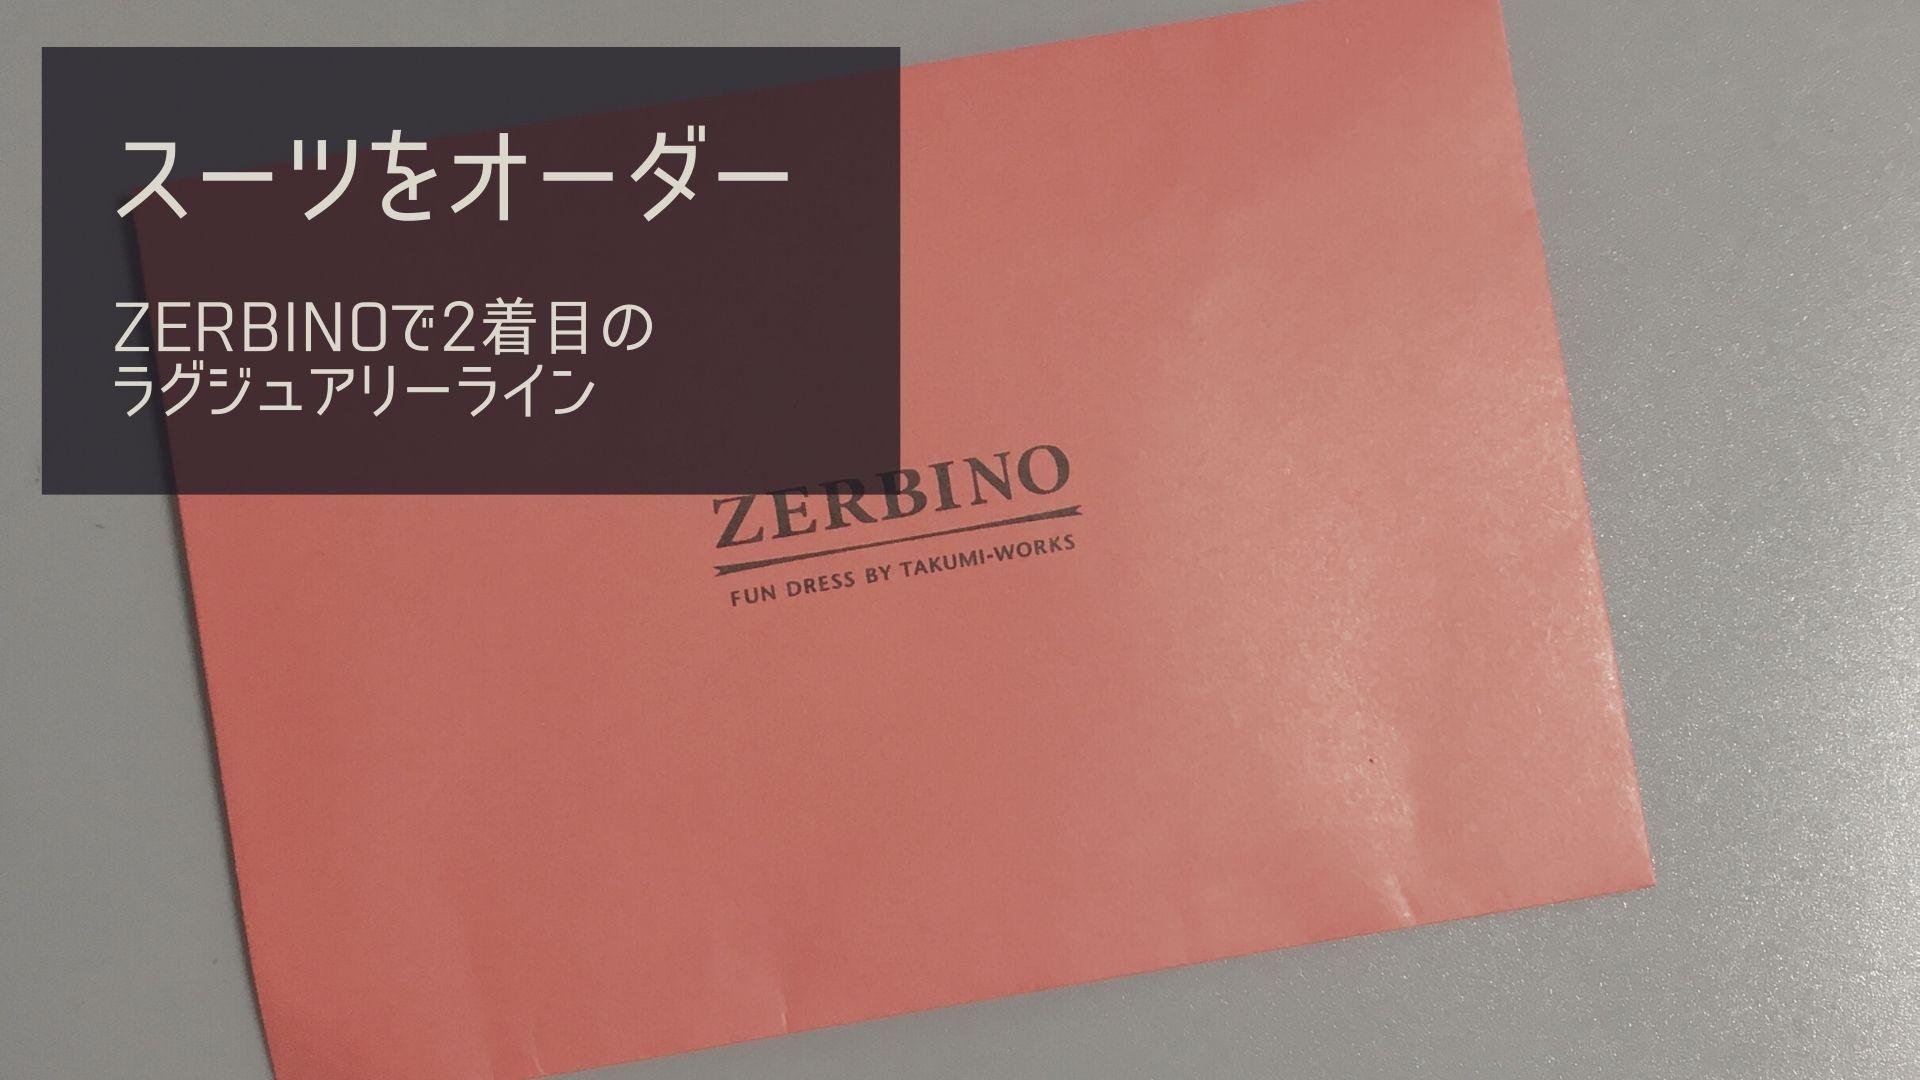 ゼルビーノ